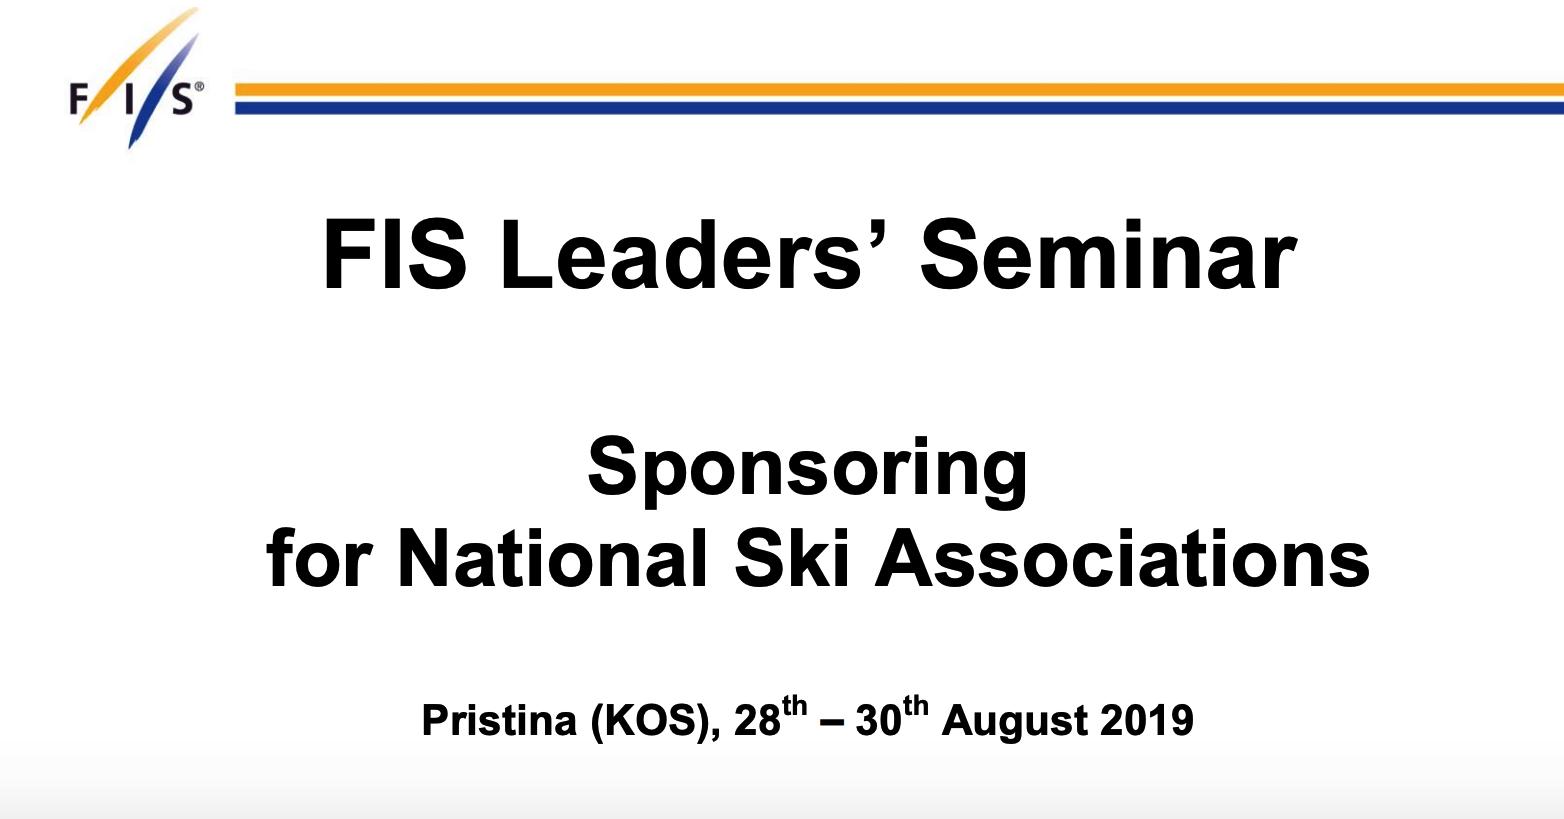 FIS Leaders Seminar